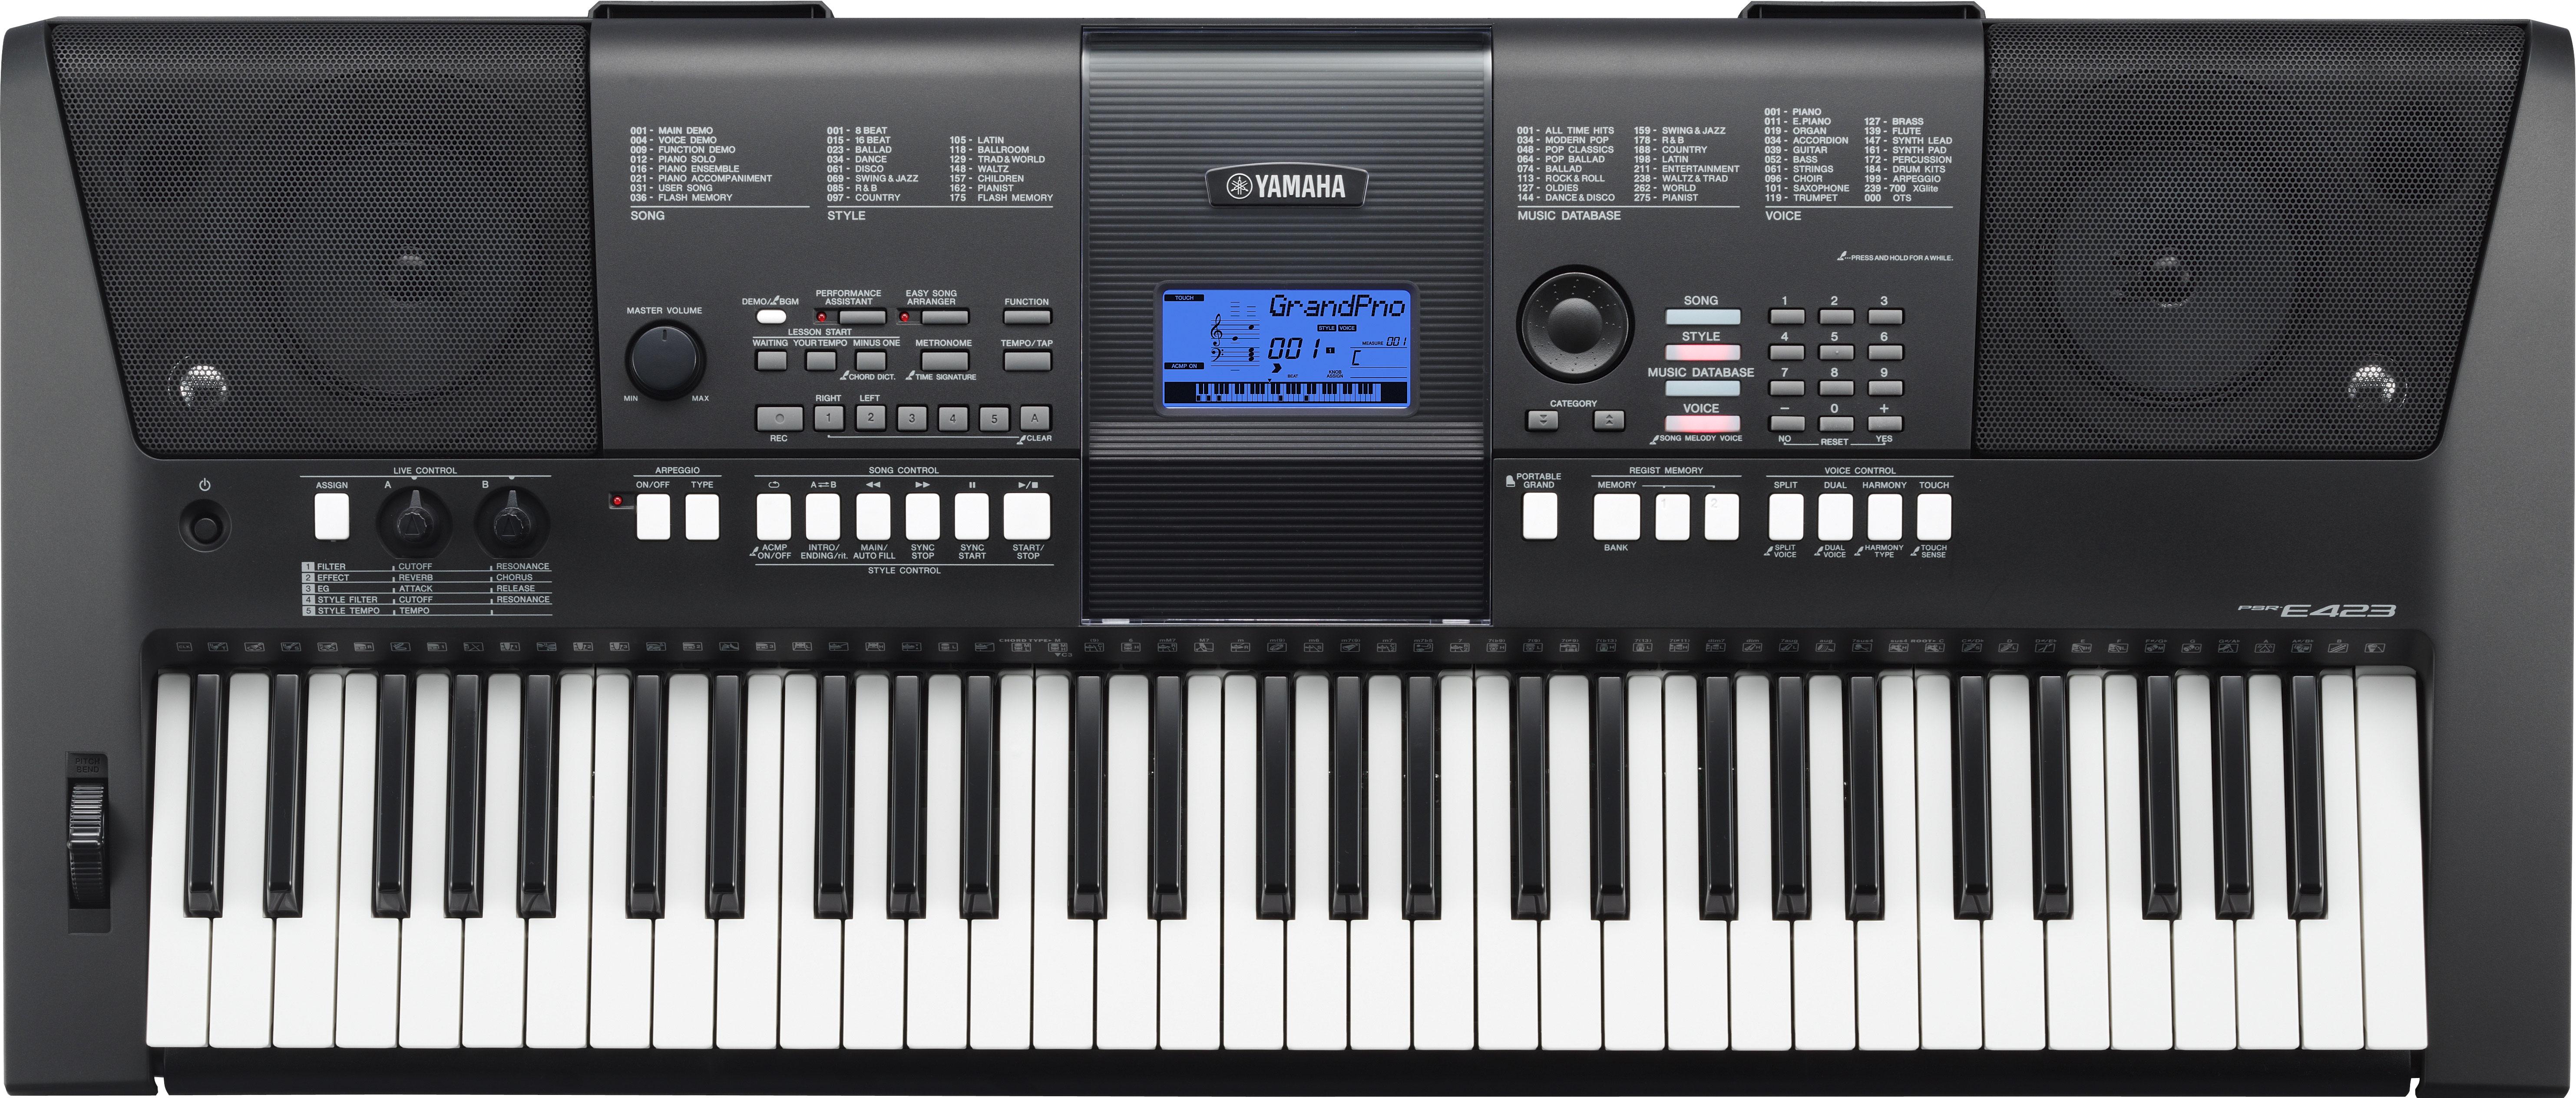 Psr-e423 Keyboard Yamaha